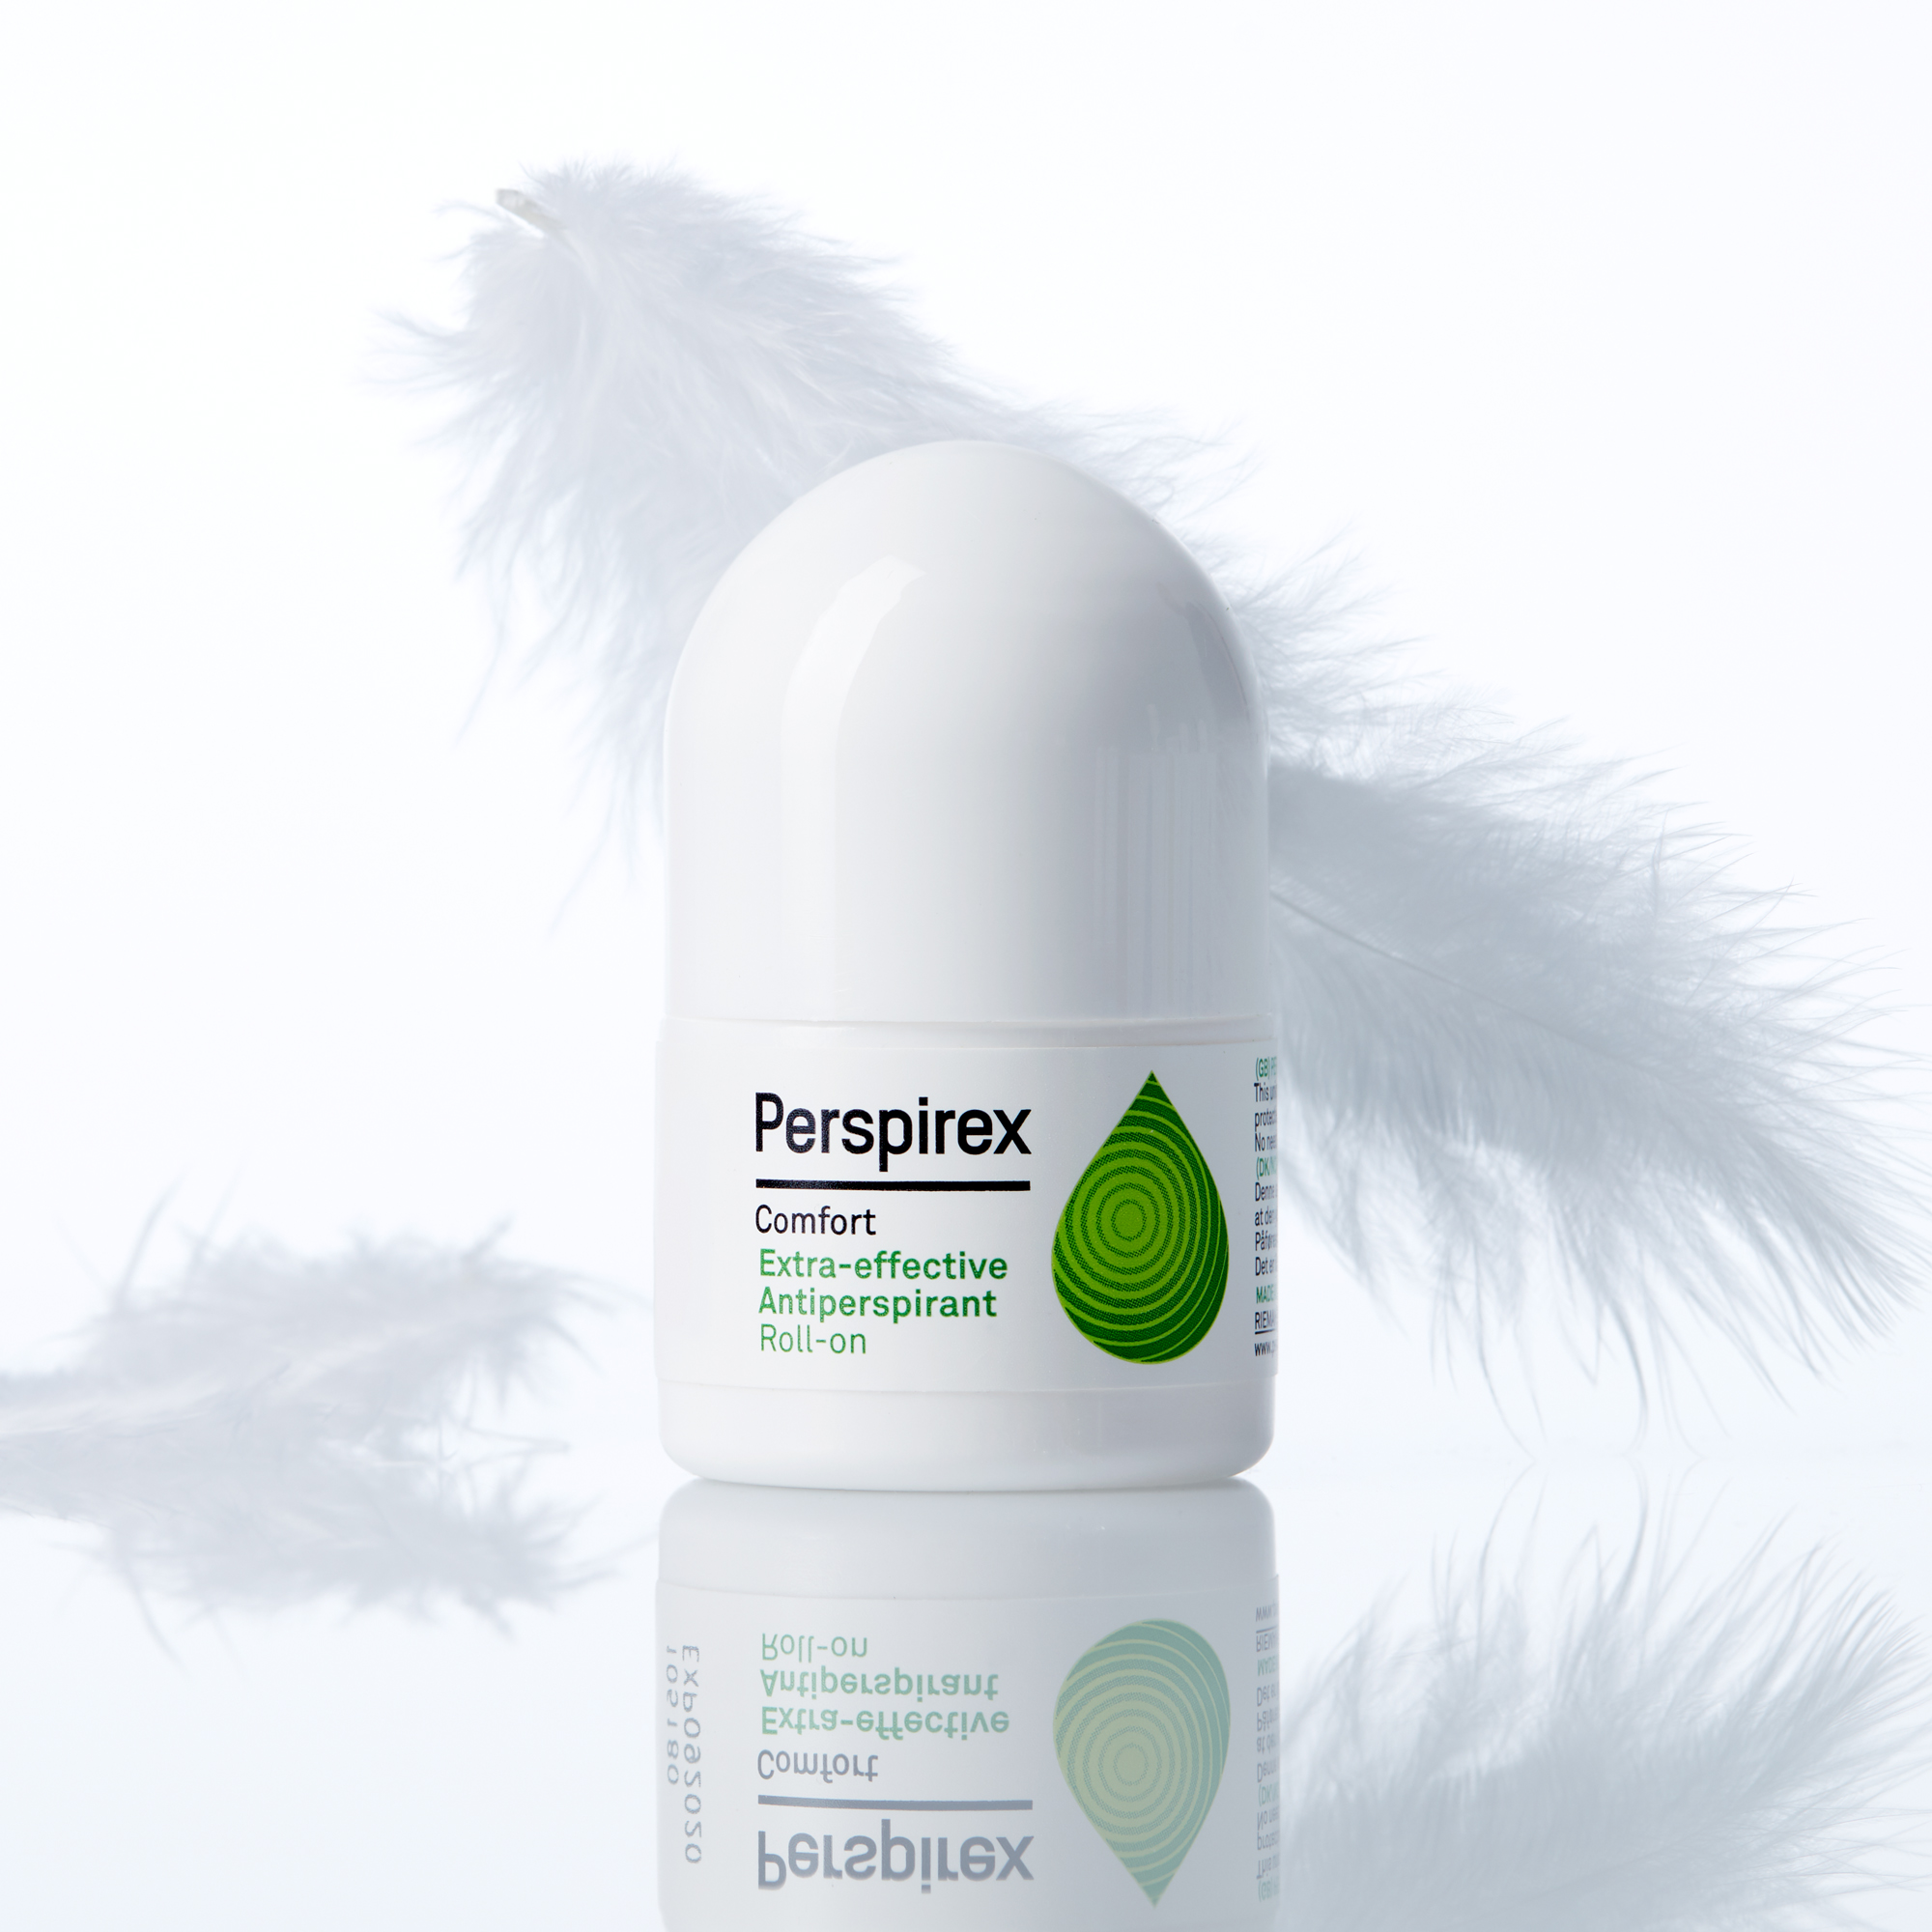 Lăn khử mùi vượt trội Perspirex Comfort | Tiki.vn